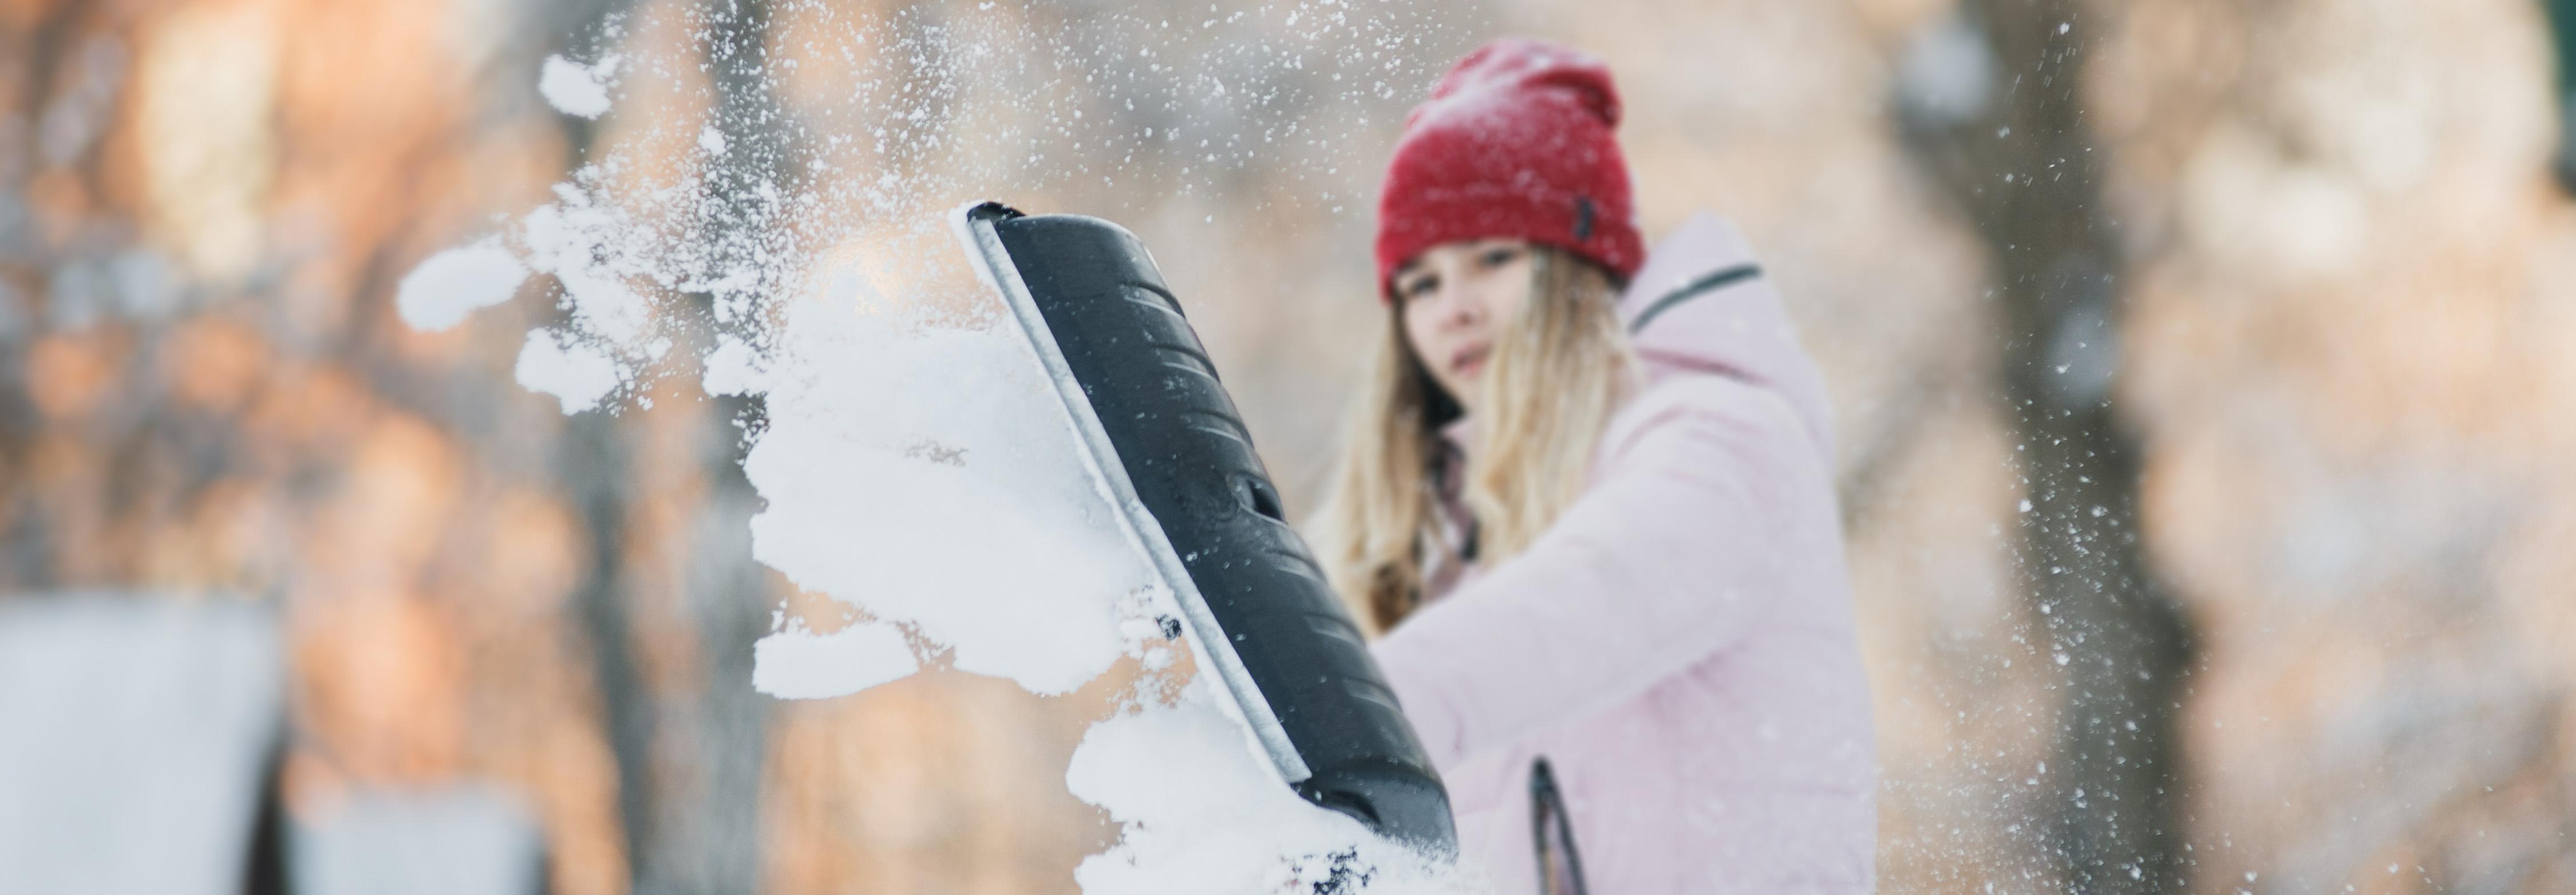 Teen girl shovelling snow